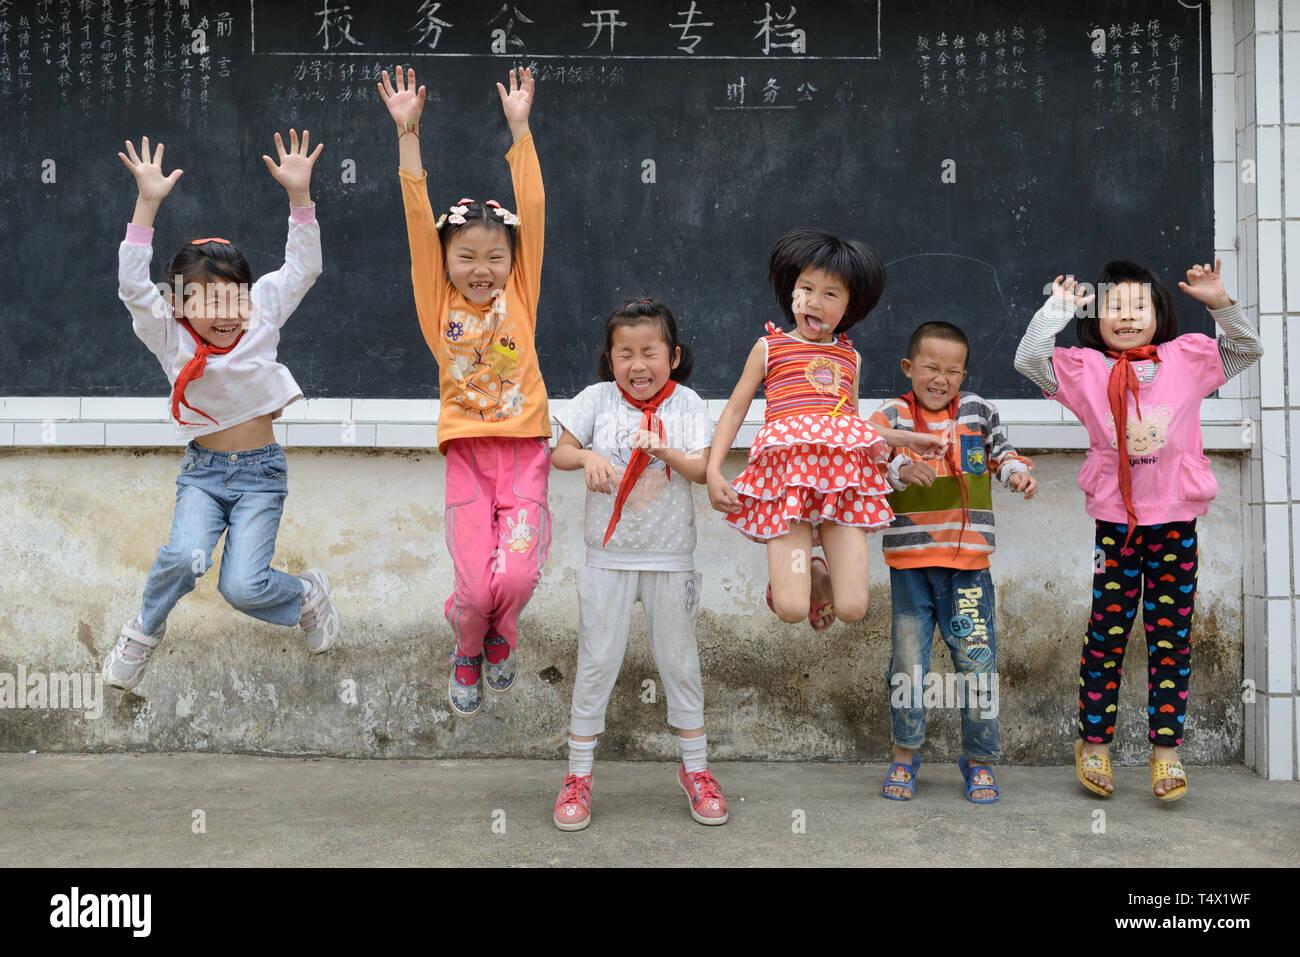 Età primaria scuola bambini saltando e ridendo nel parco giochi scuola rurale nella regione di Guangxi, centrale Cina meridionale. Immagini Stock